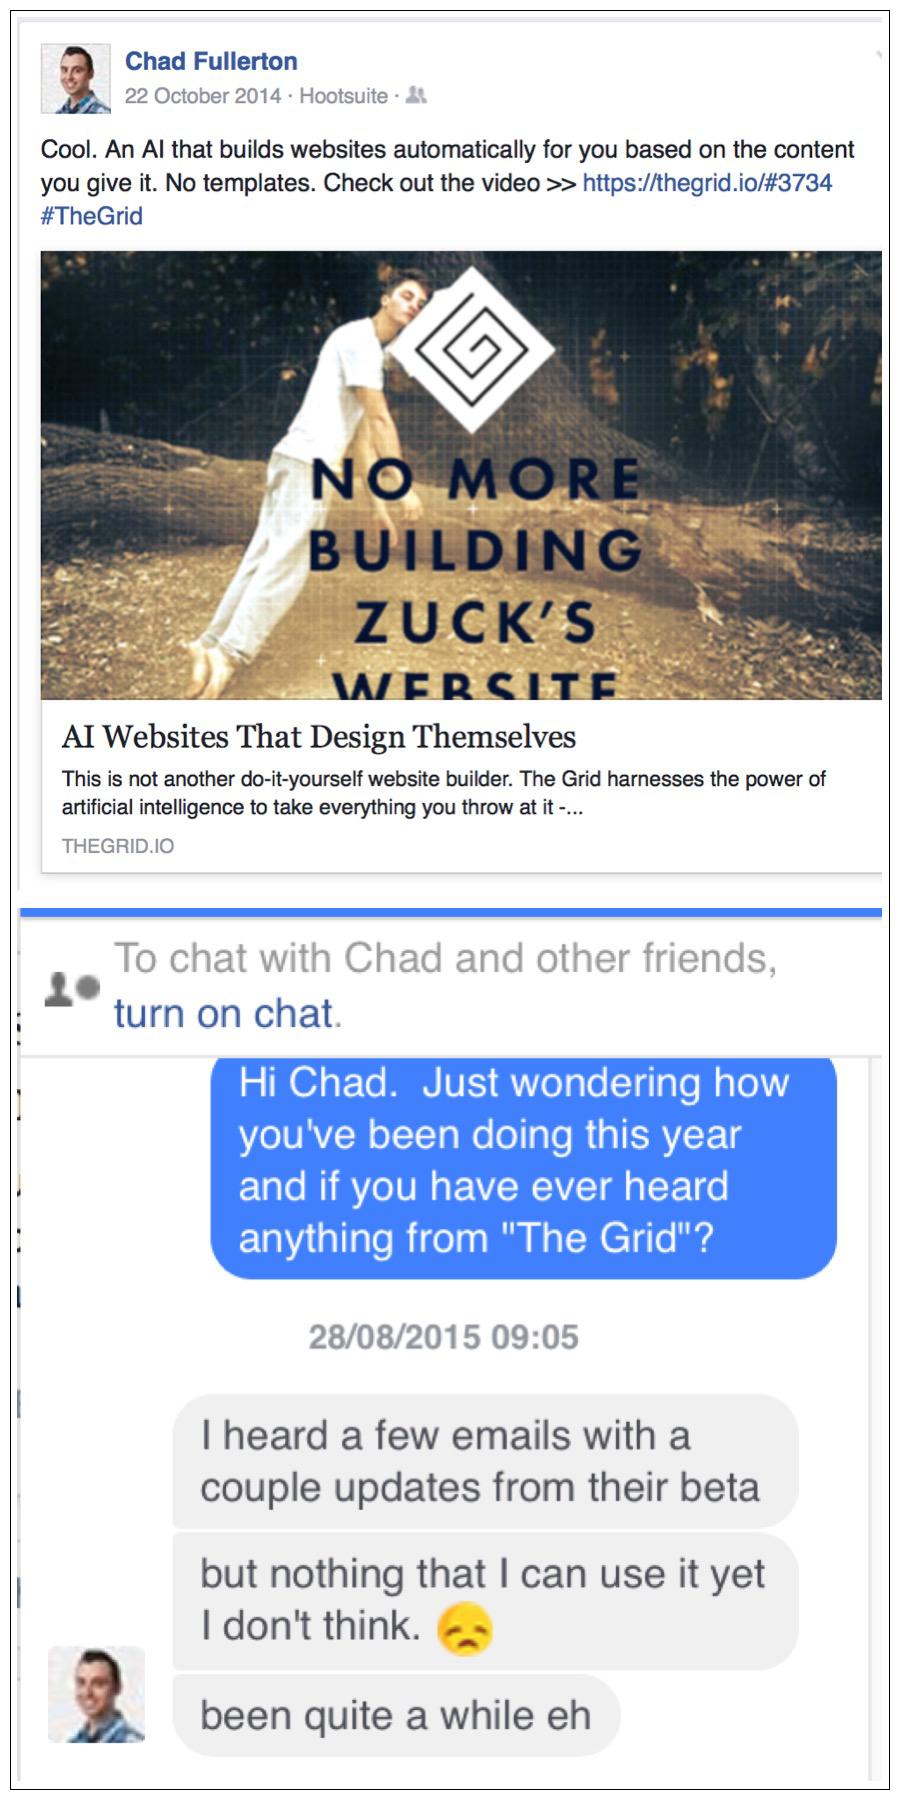 Original link on Facebook that I signed up for